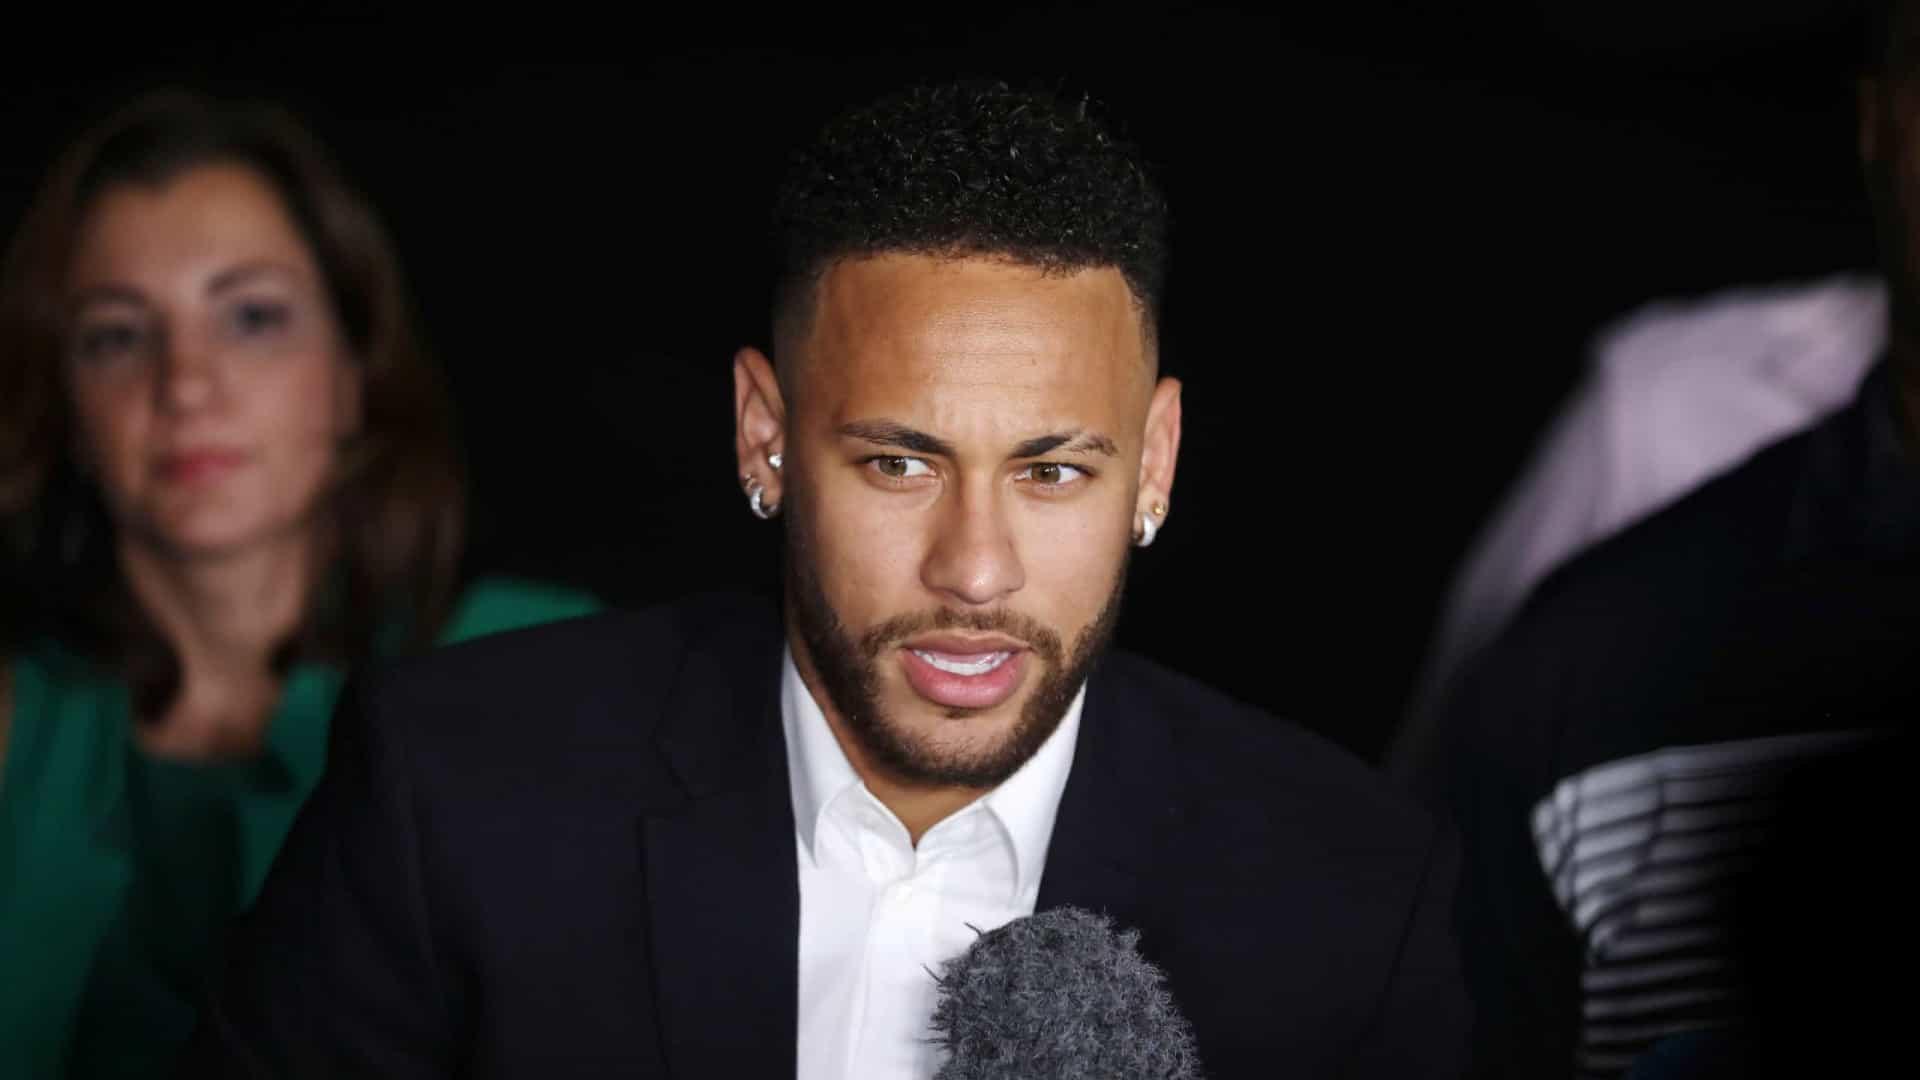 Polícia ouve depoimento final no inquérito de acusação contra Neymar